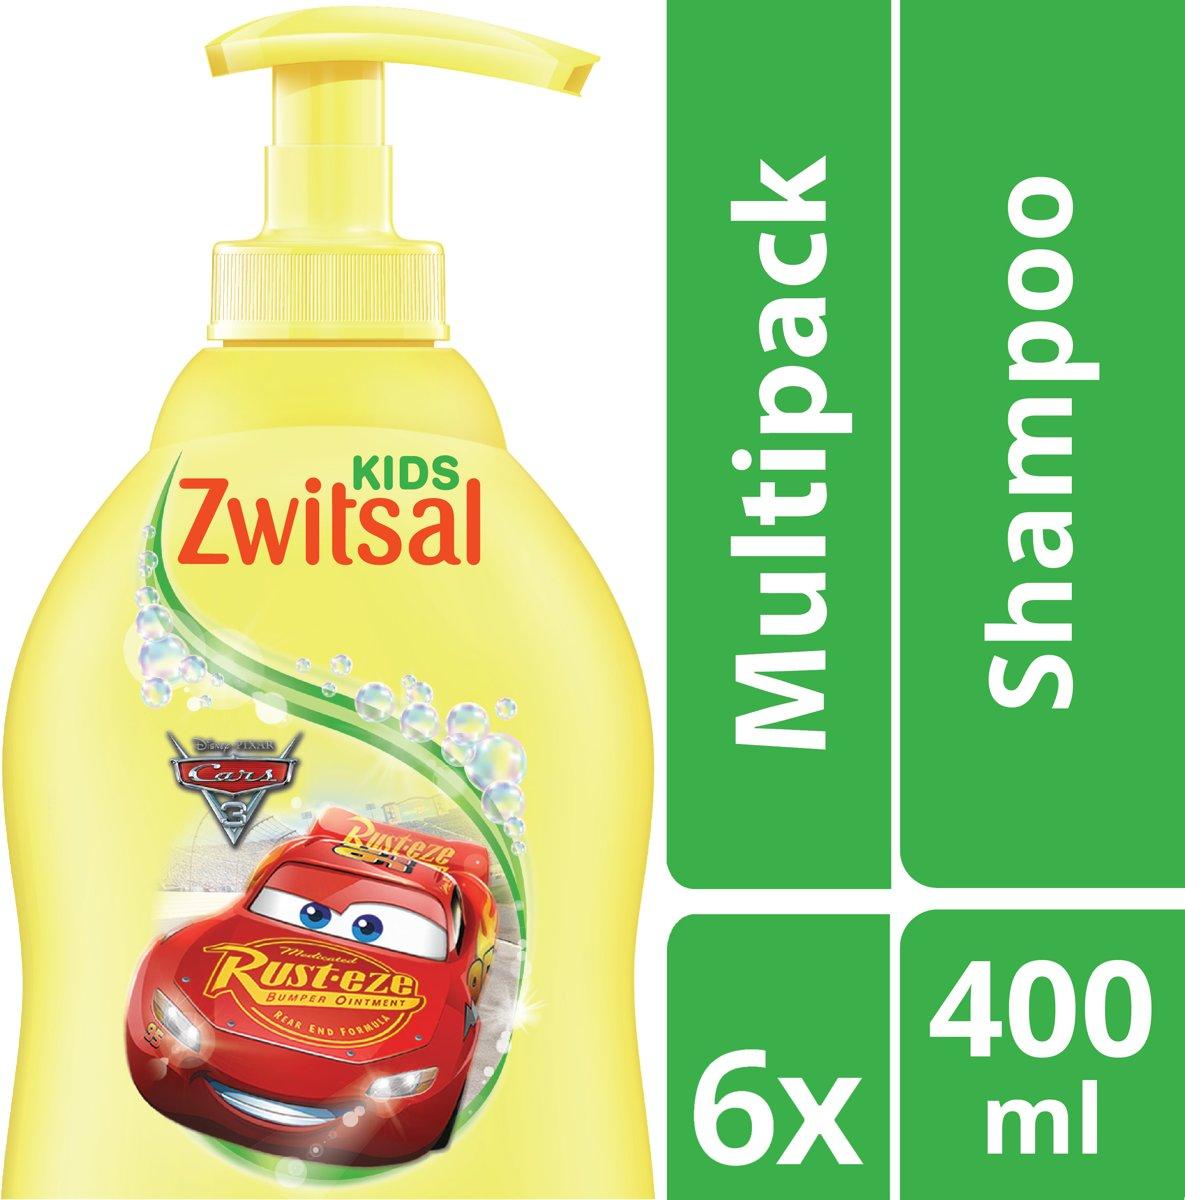 Zwitsal Cars Babyshampoo Zeepvrij - Kids - 6 x 400 ml kopen